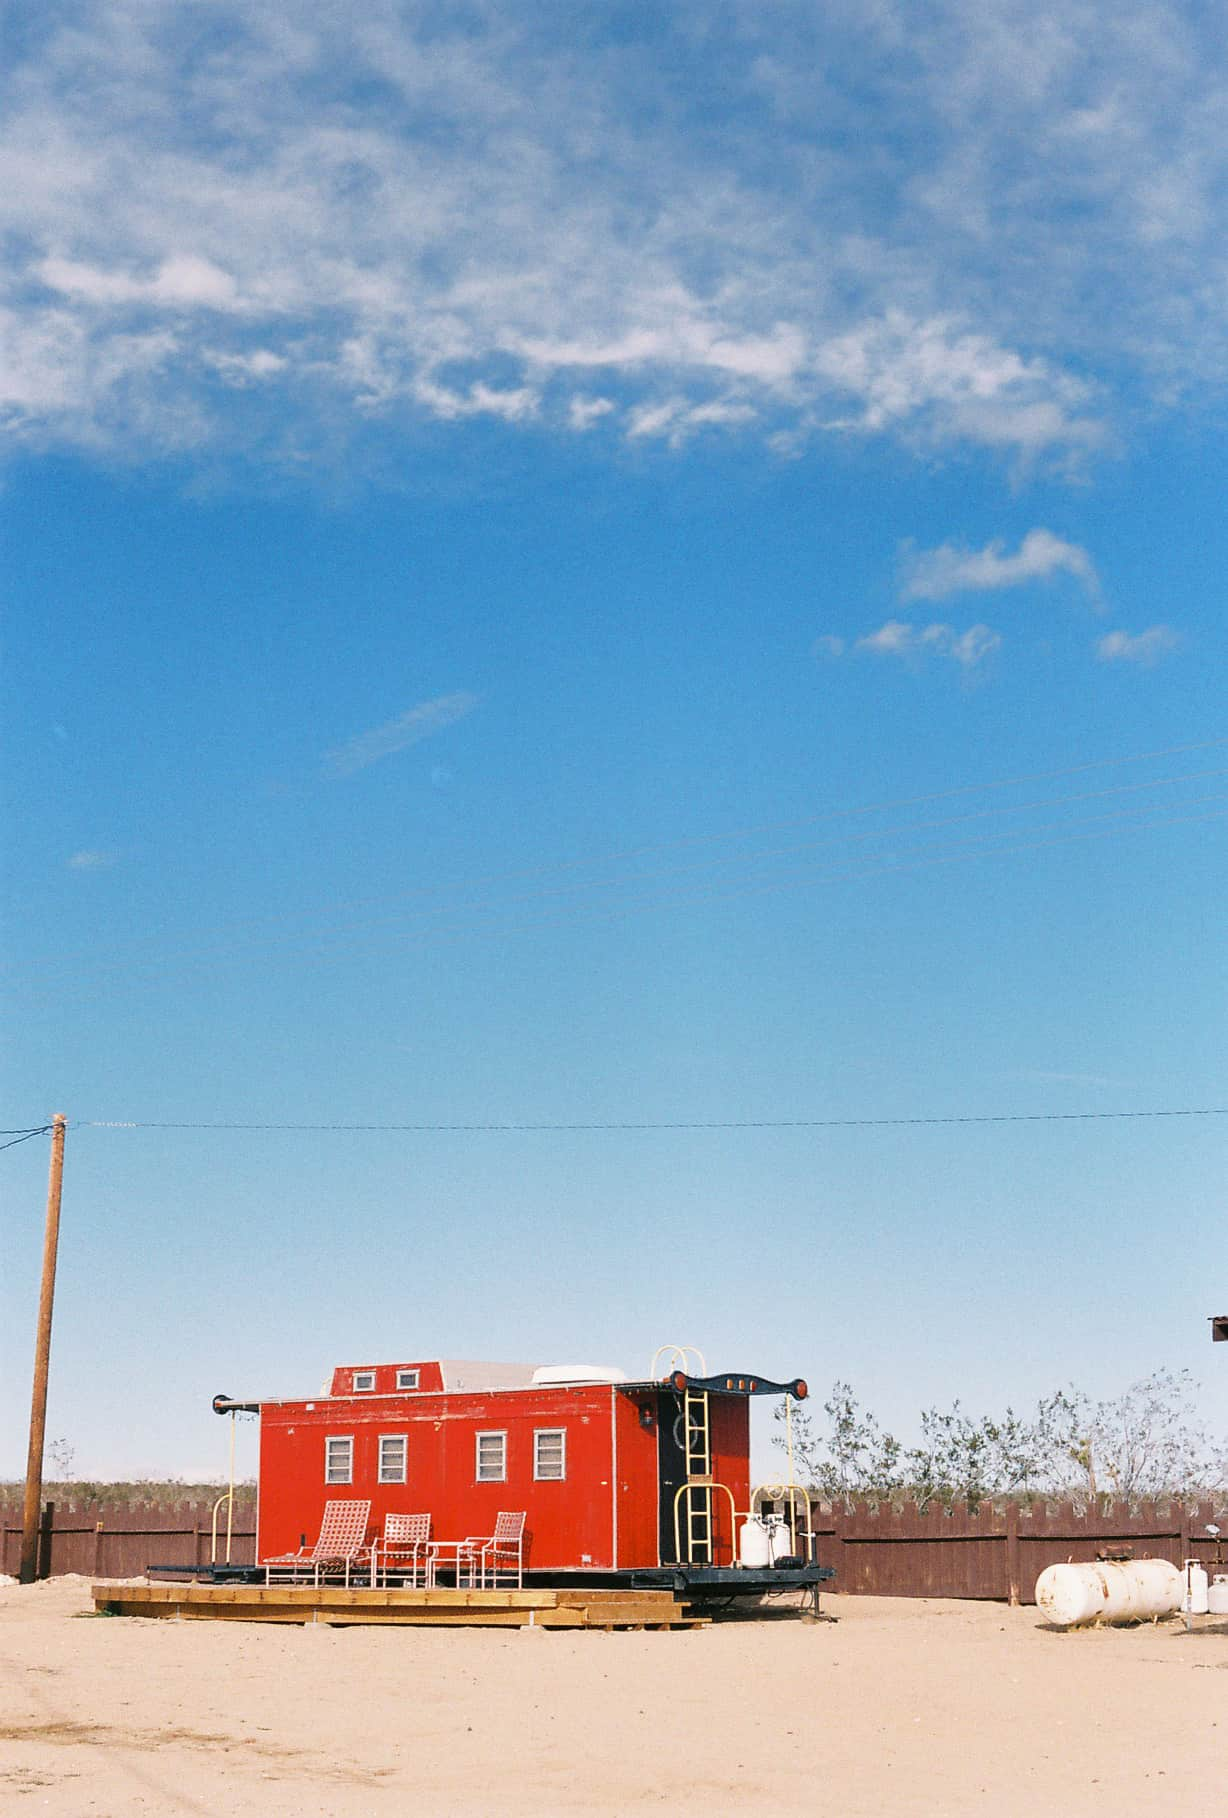 Red trailer in Hicksville